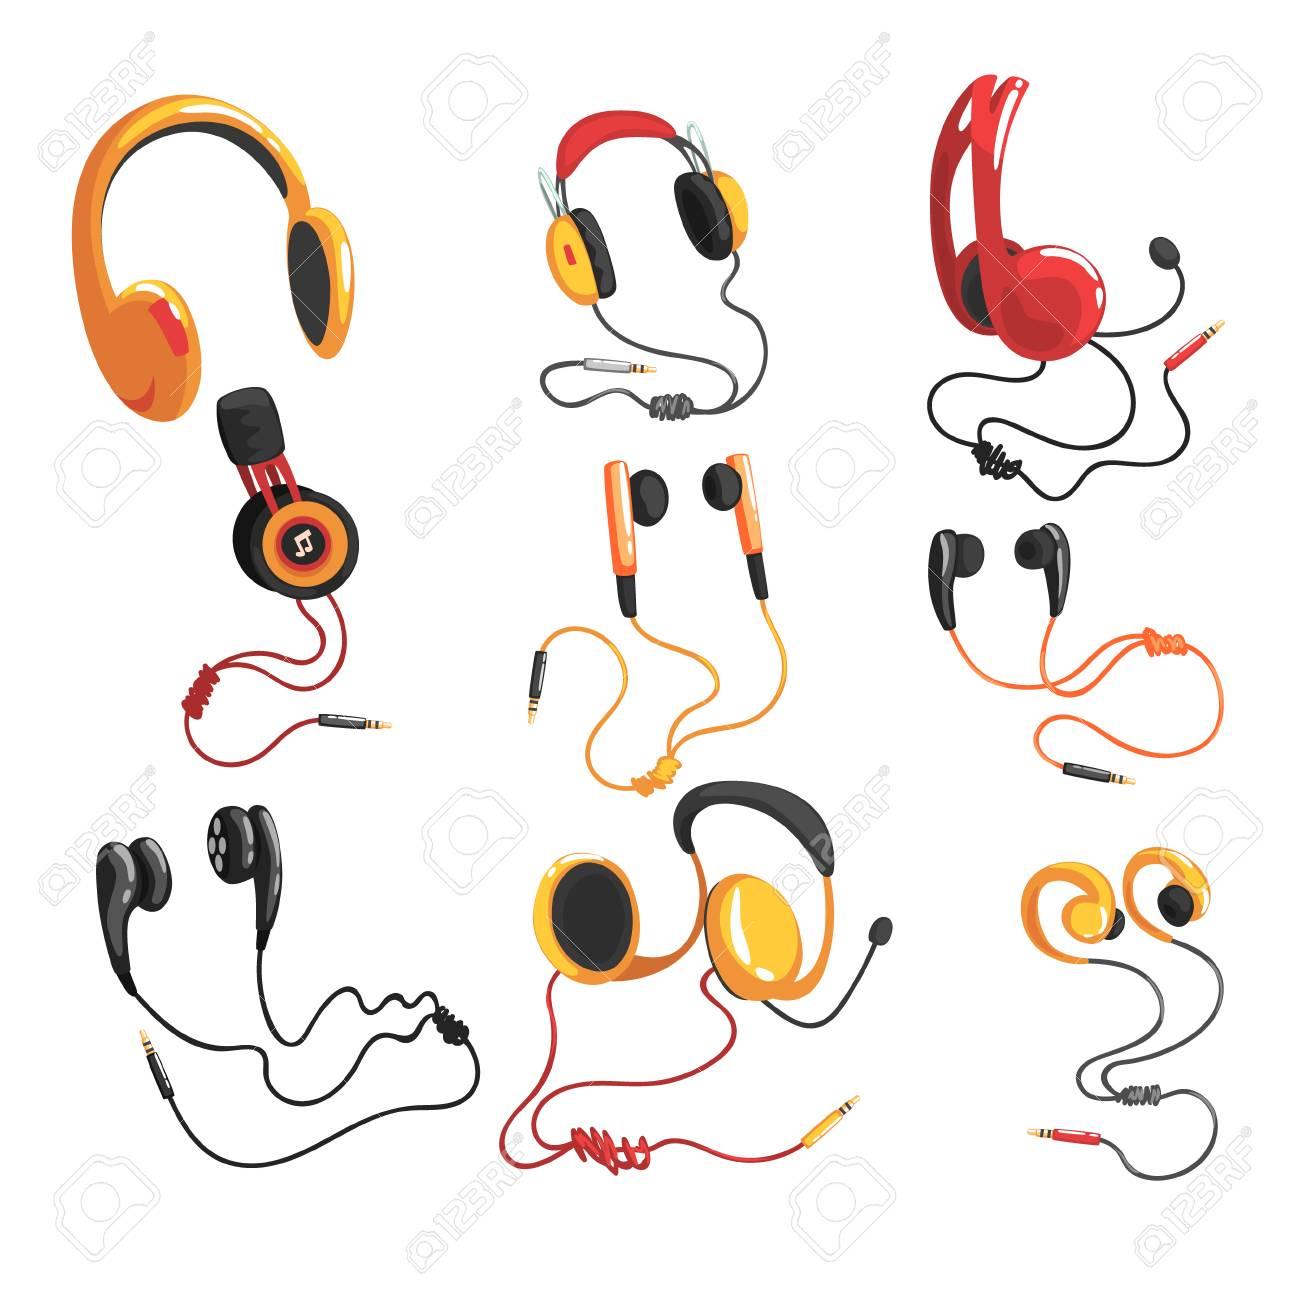 Kopfhörer Und Kopfhörer Stellten, Musiktechnologie-Zusatzvektor ...